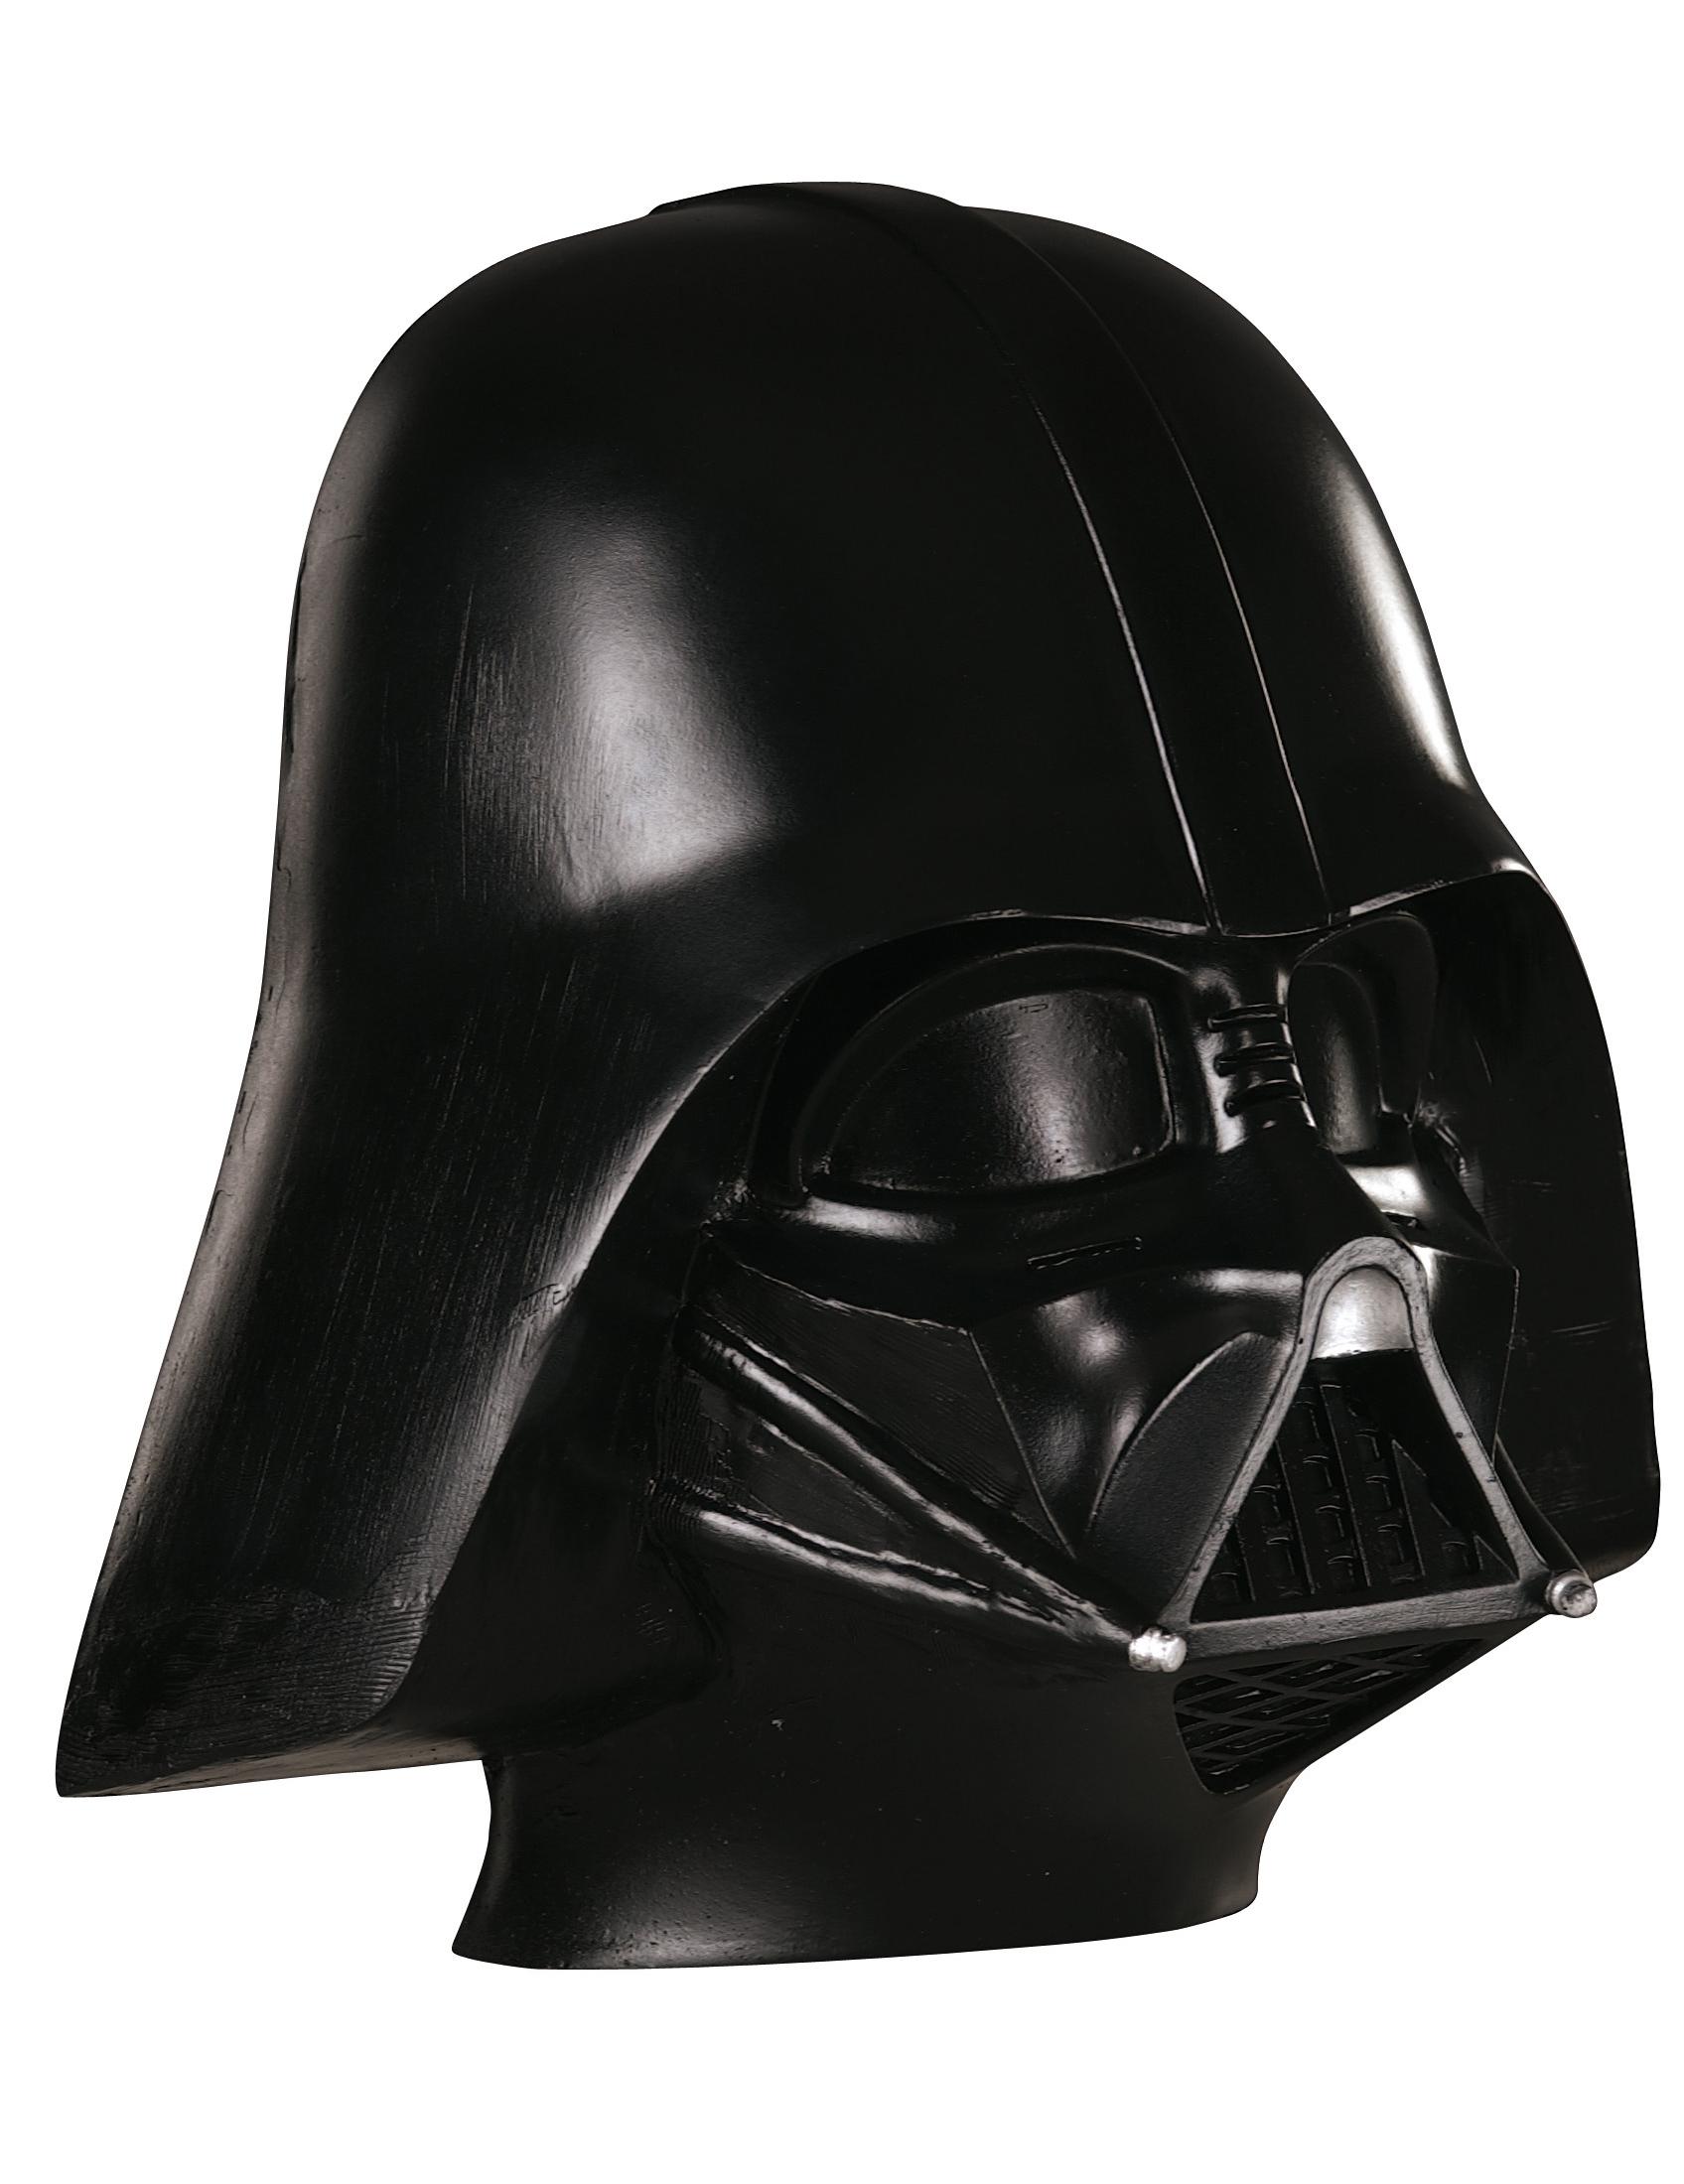 Halbmaske Darth Vader Star Wars 37662